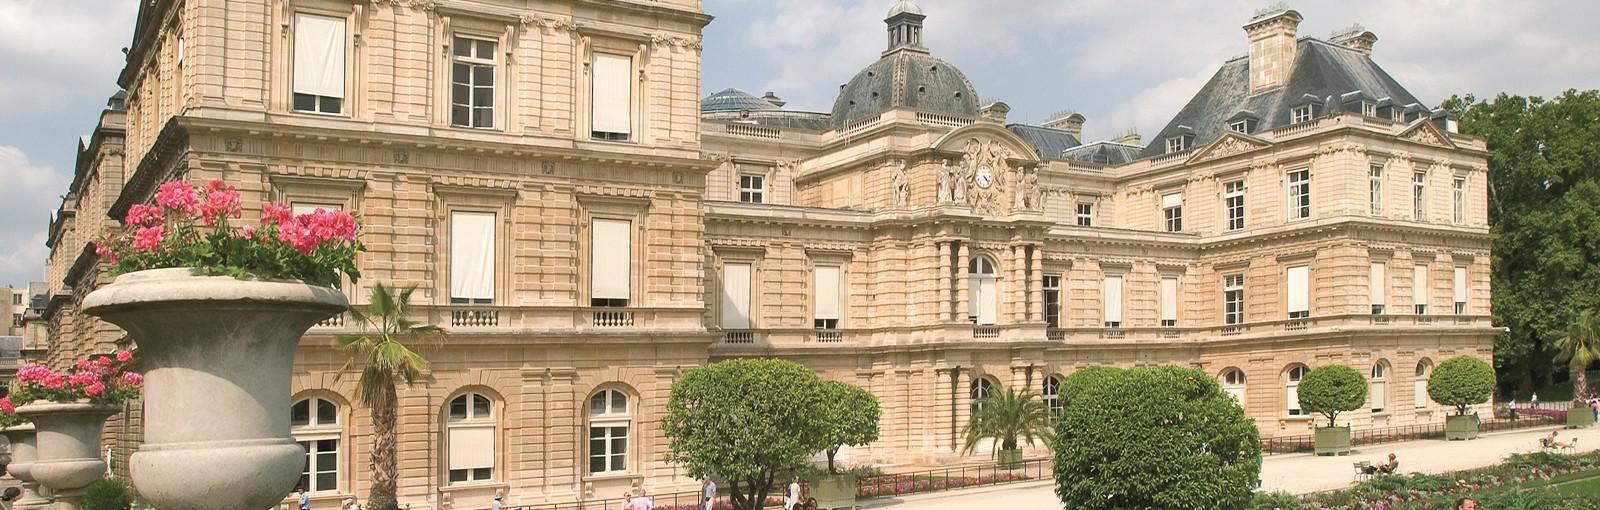 Tours Le quartier Latin, le Panthéon, l'Eglise Saint Etienne du Mont, le Palais du Luxembourg - Visites pédestres - Visites de Paris